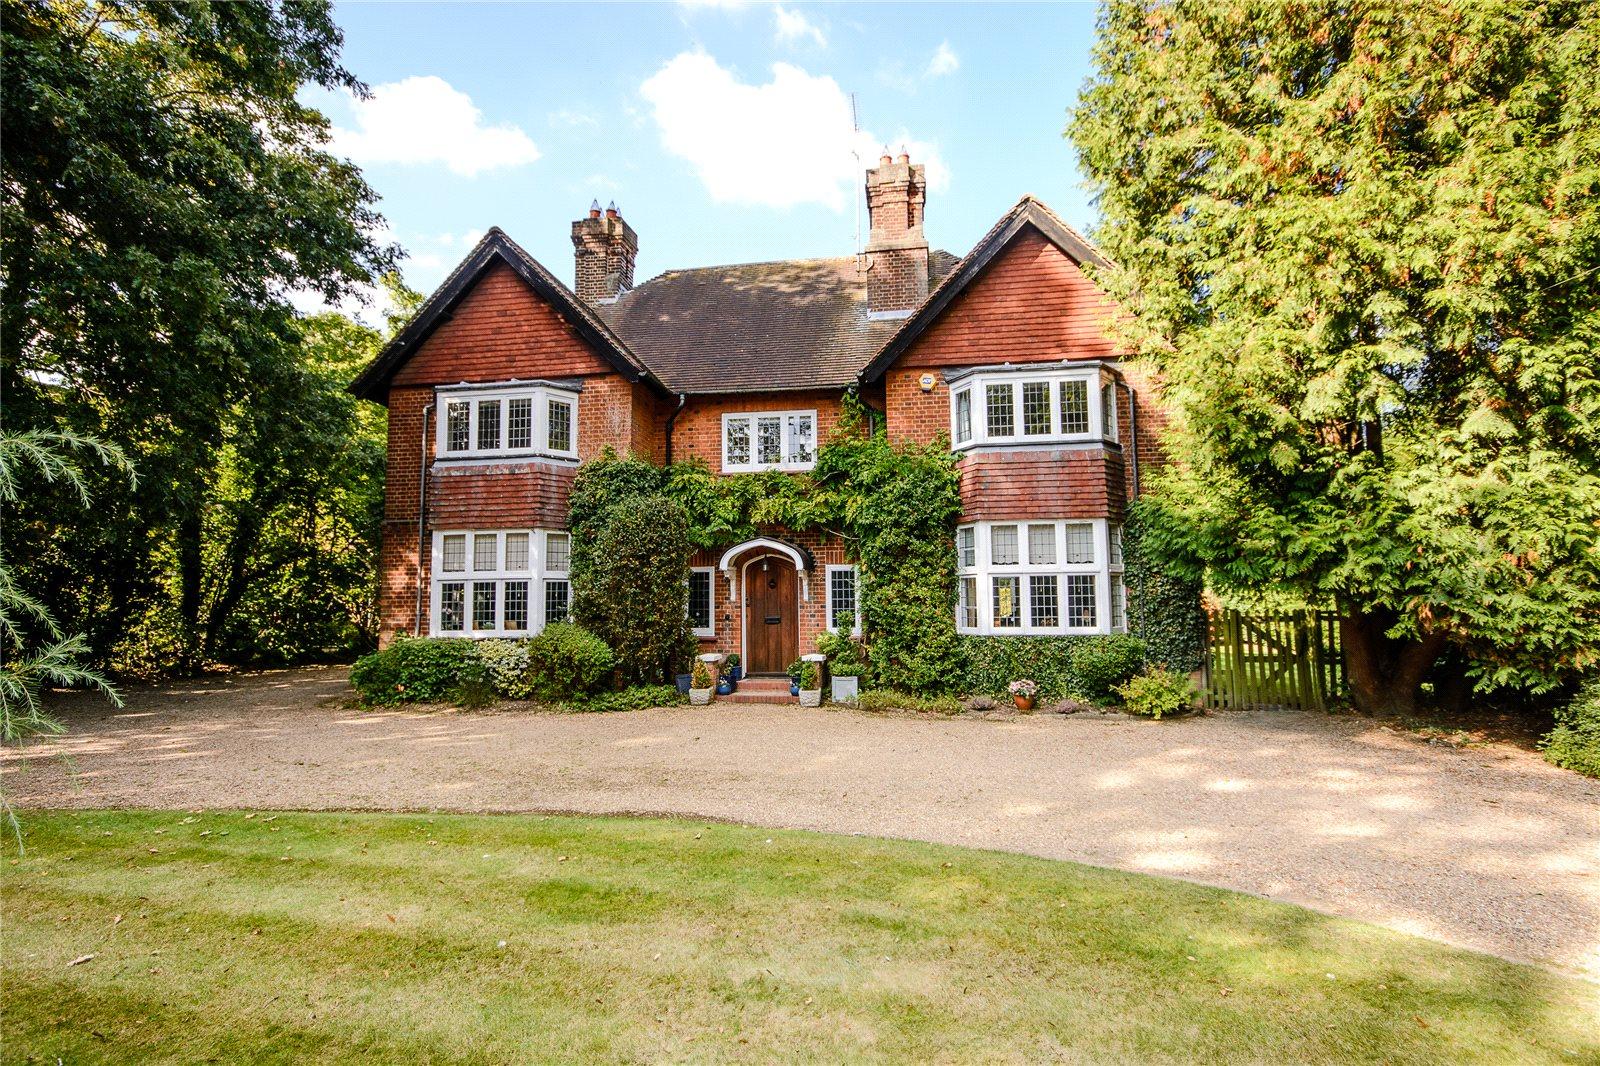 独户住宅 为 销售 在 Wilkins Green Lane, St Albans, Hertfordshire, AL10 St Albans, 英格兰